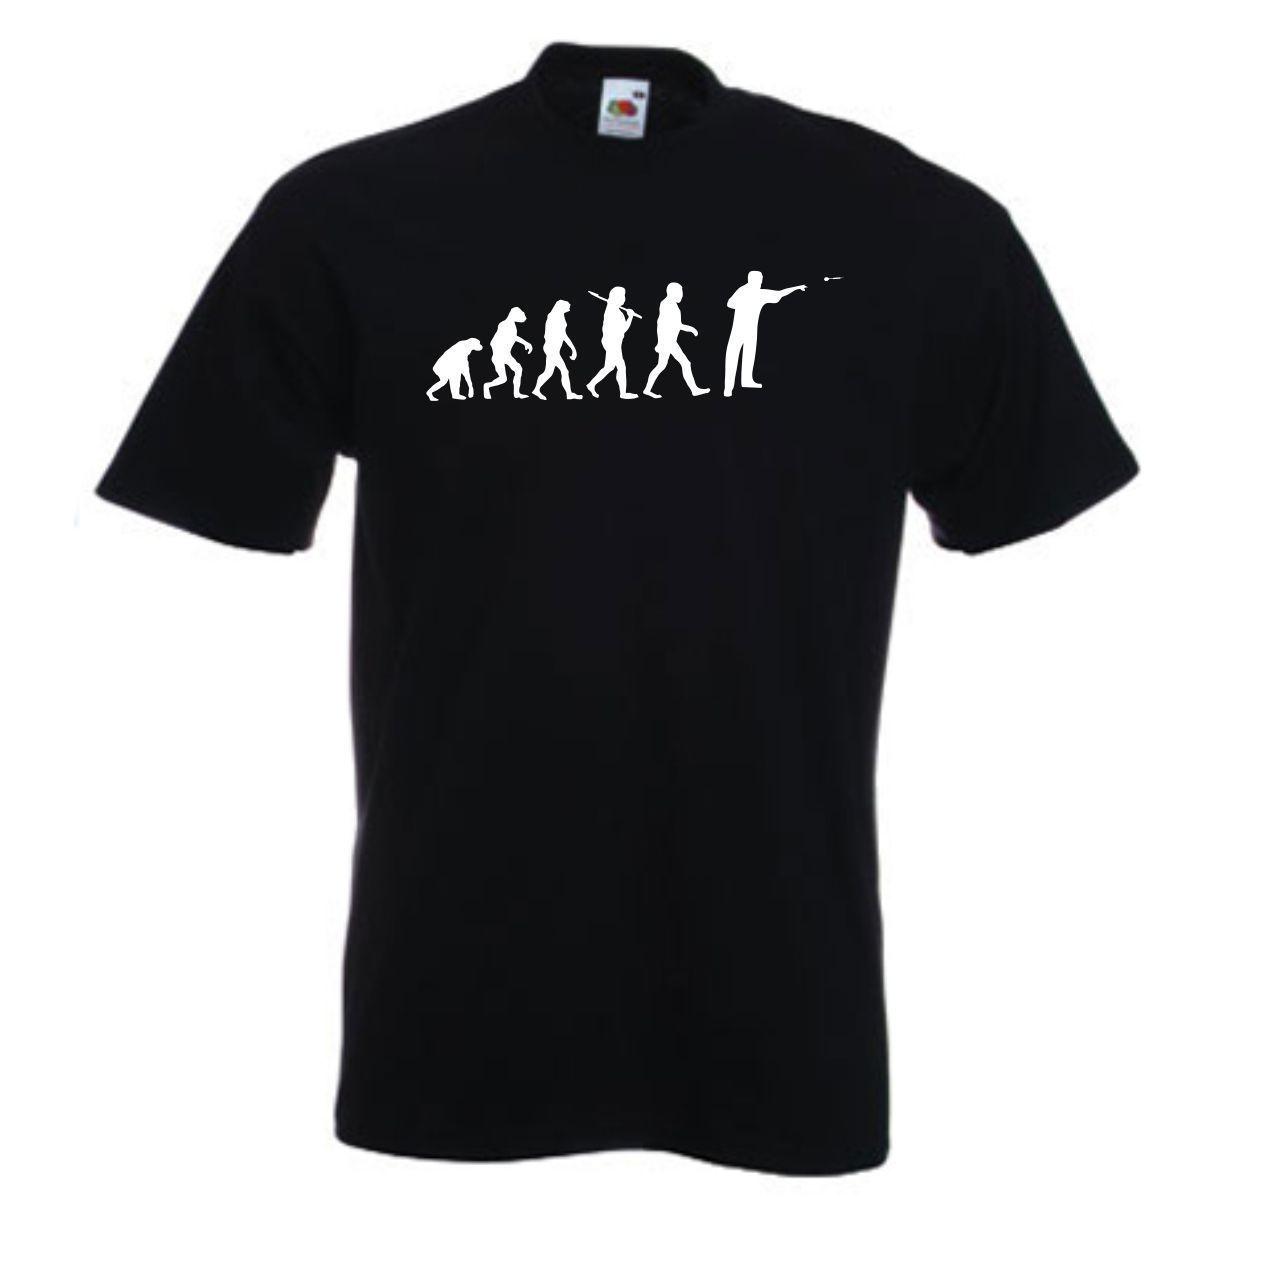 Marca la moda hombres de venta de moda de verano lanza la camiseta personalizada Evolución Dardos Camiseta con Nombre del inconformista camiseta